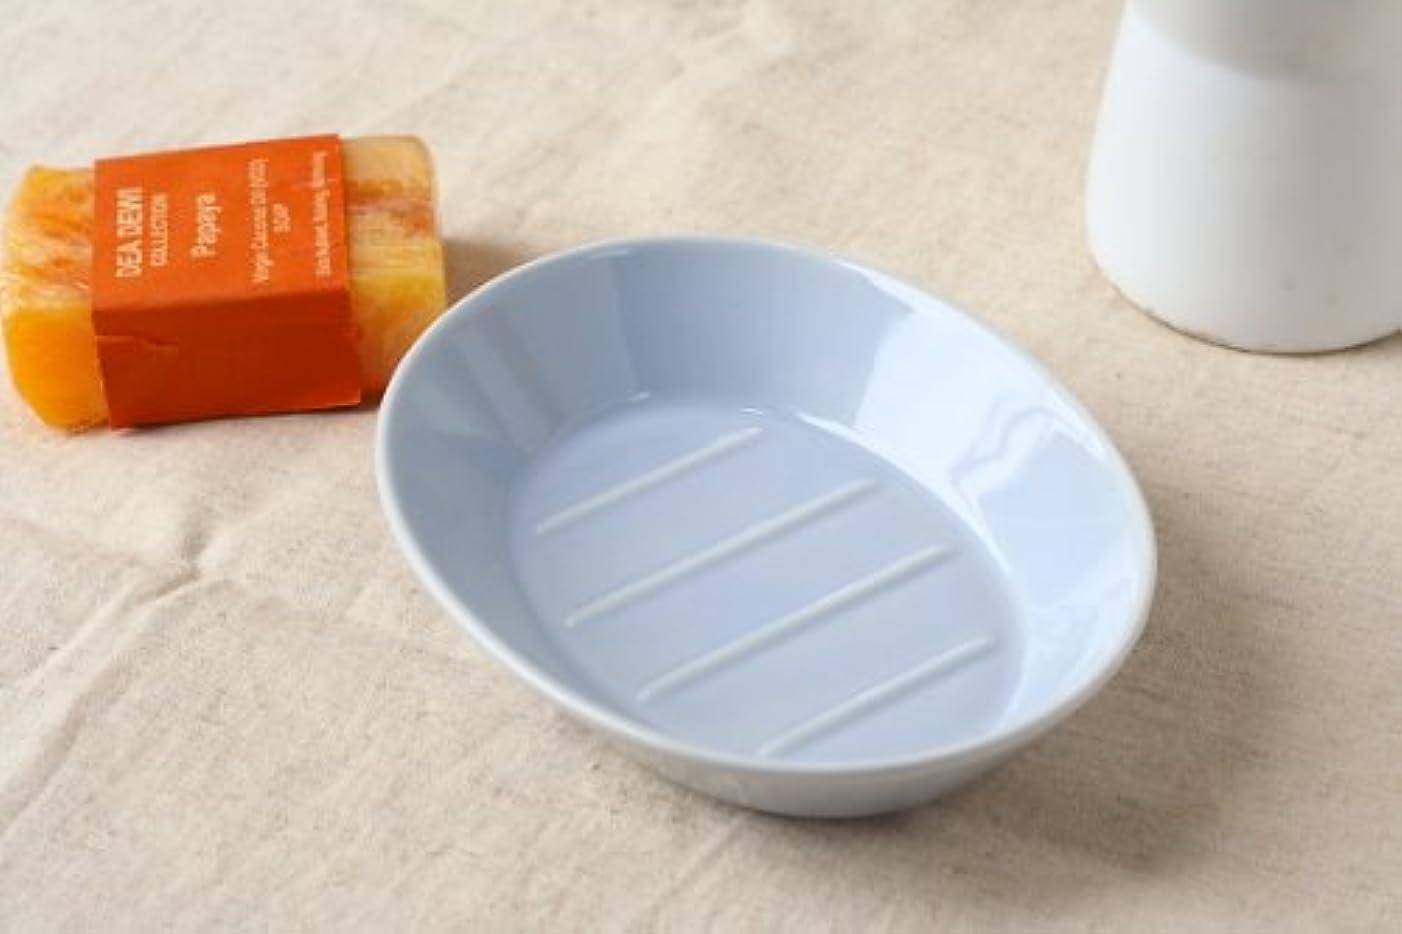 ご近所校長サーキュレーション洗面に爽やかカラー?スカイブルーの石鹸置き〔一部アウトレット訳あり〕